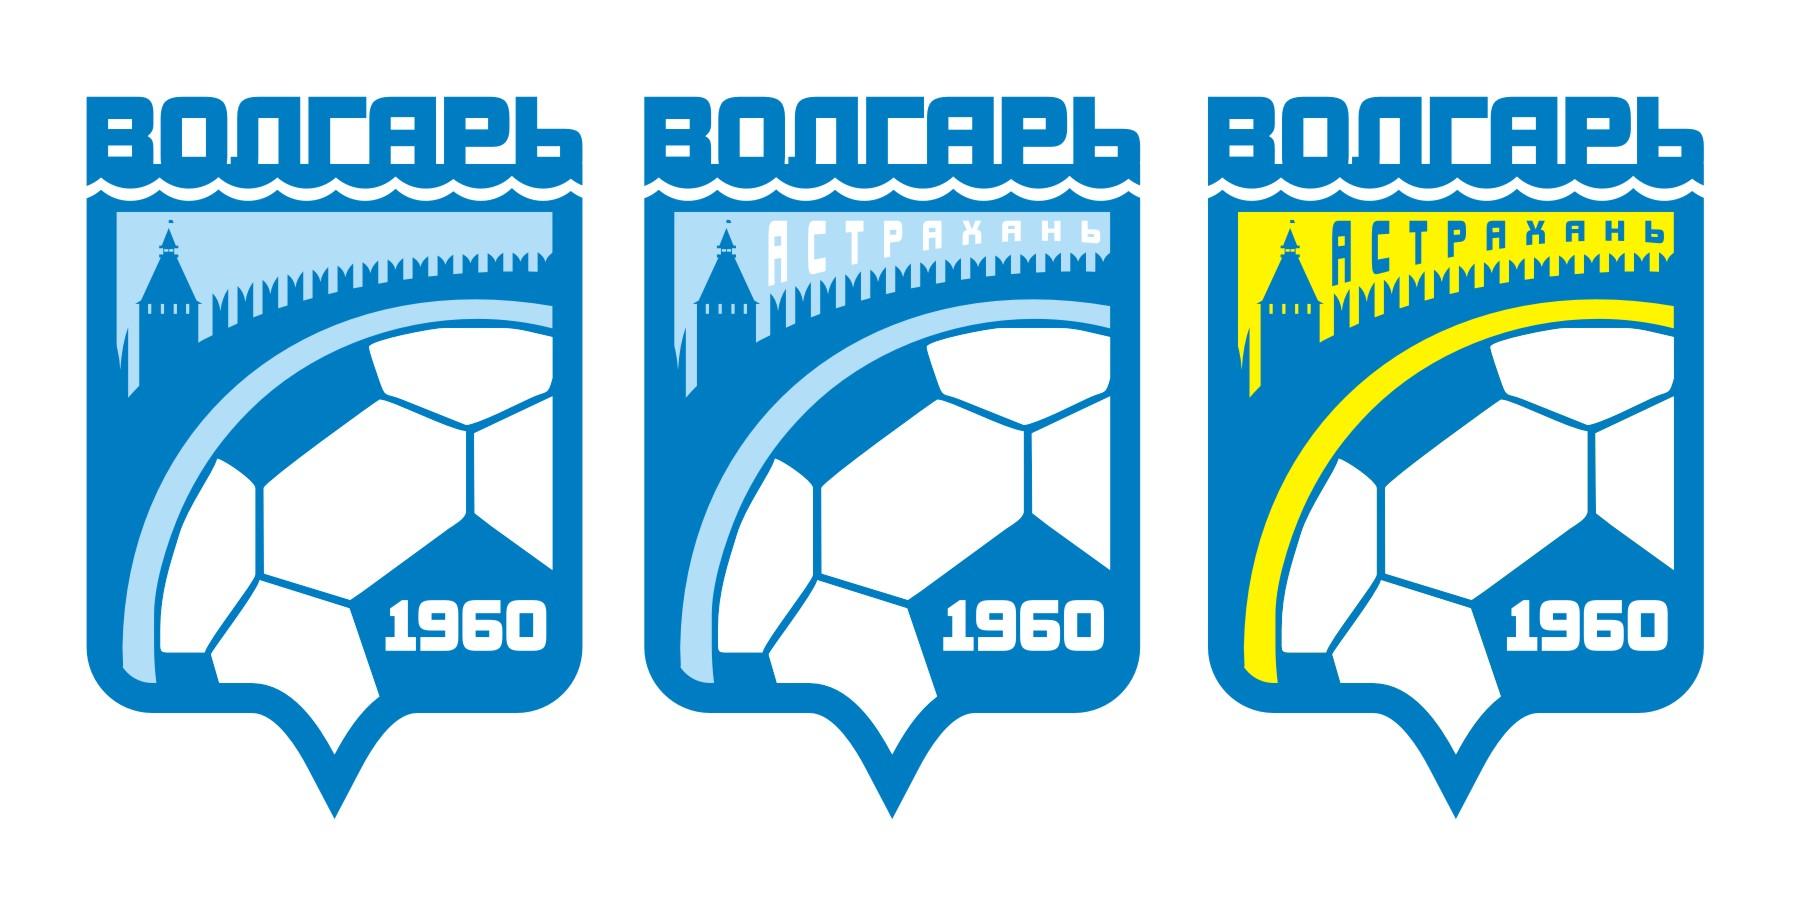 Разработка эмблемы футбольного клуба фото f_4fbf3358c4534.jpg